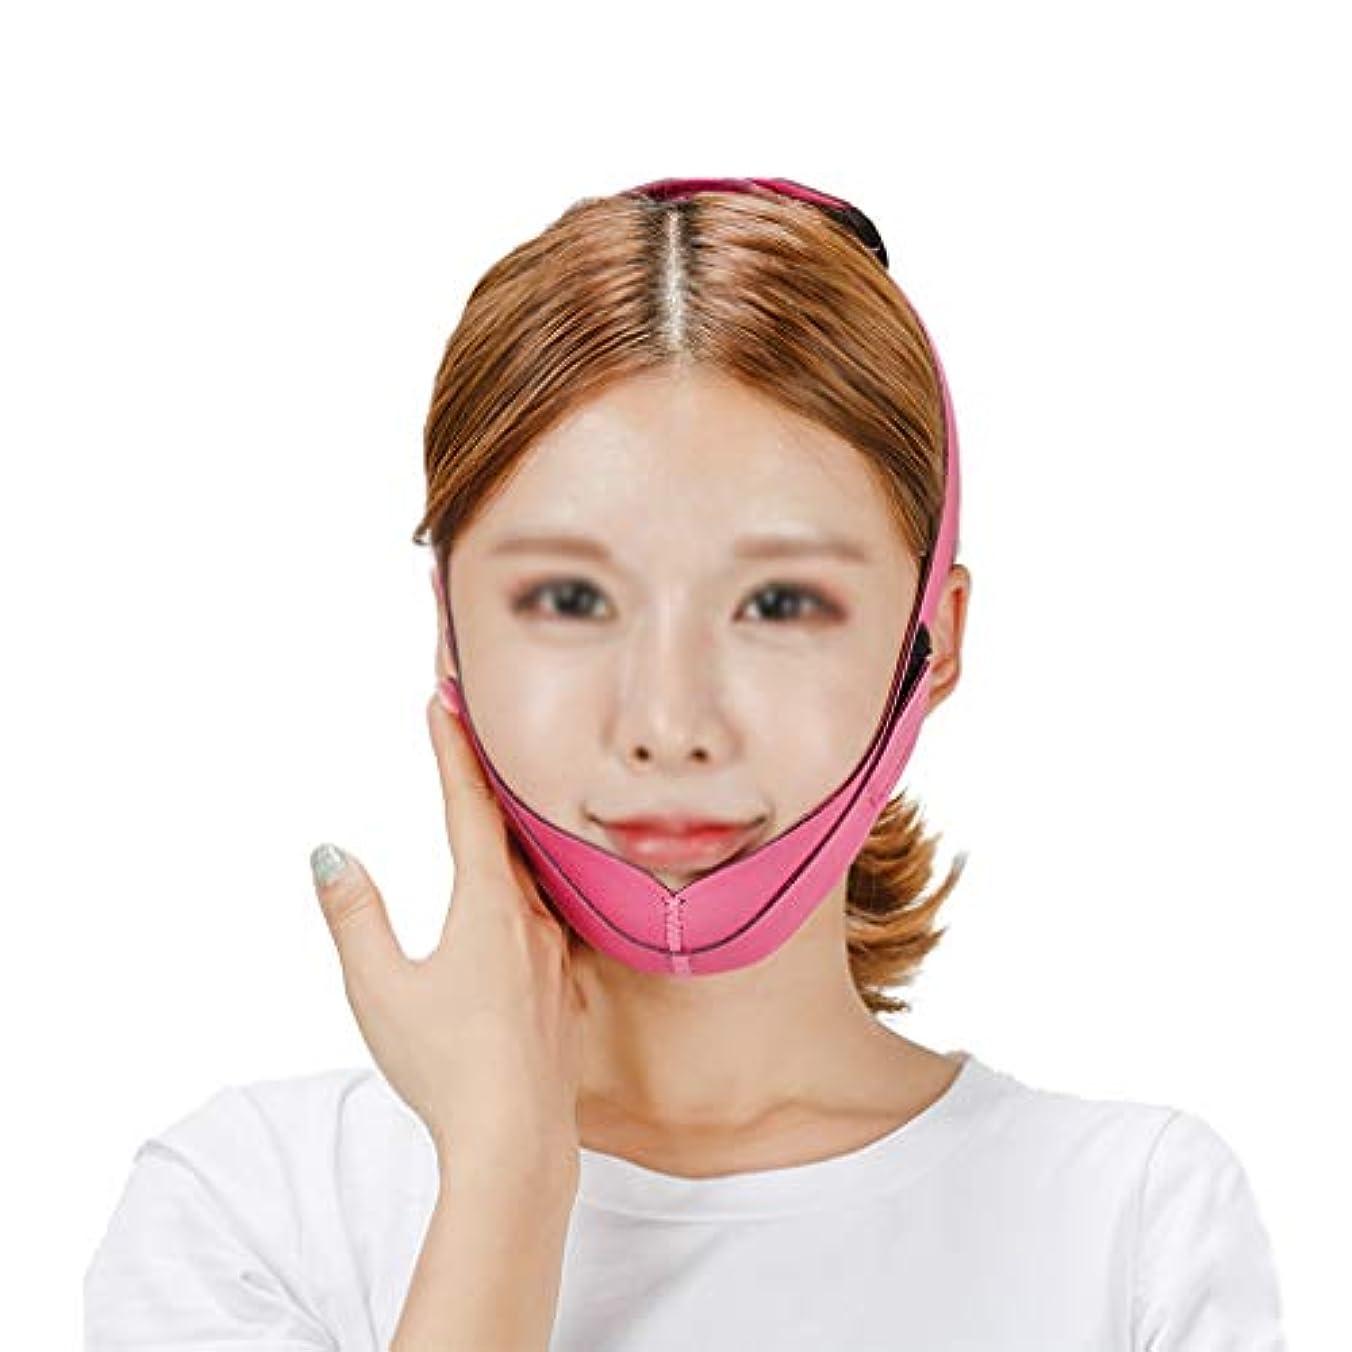 失望させる確かめる用量XHLMRMJ 超薄Vフェイスライン、フェイスリフティングマスク、Vフェイスリフティングとリフティングファーミングパターン、シェイピングフェイス、改善ダブルチン、ピンク、女性に適しています